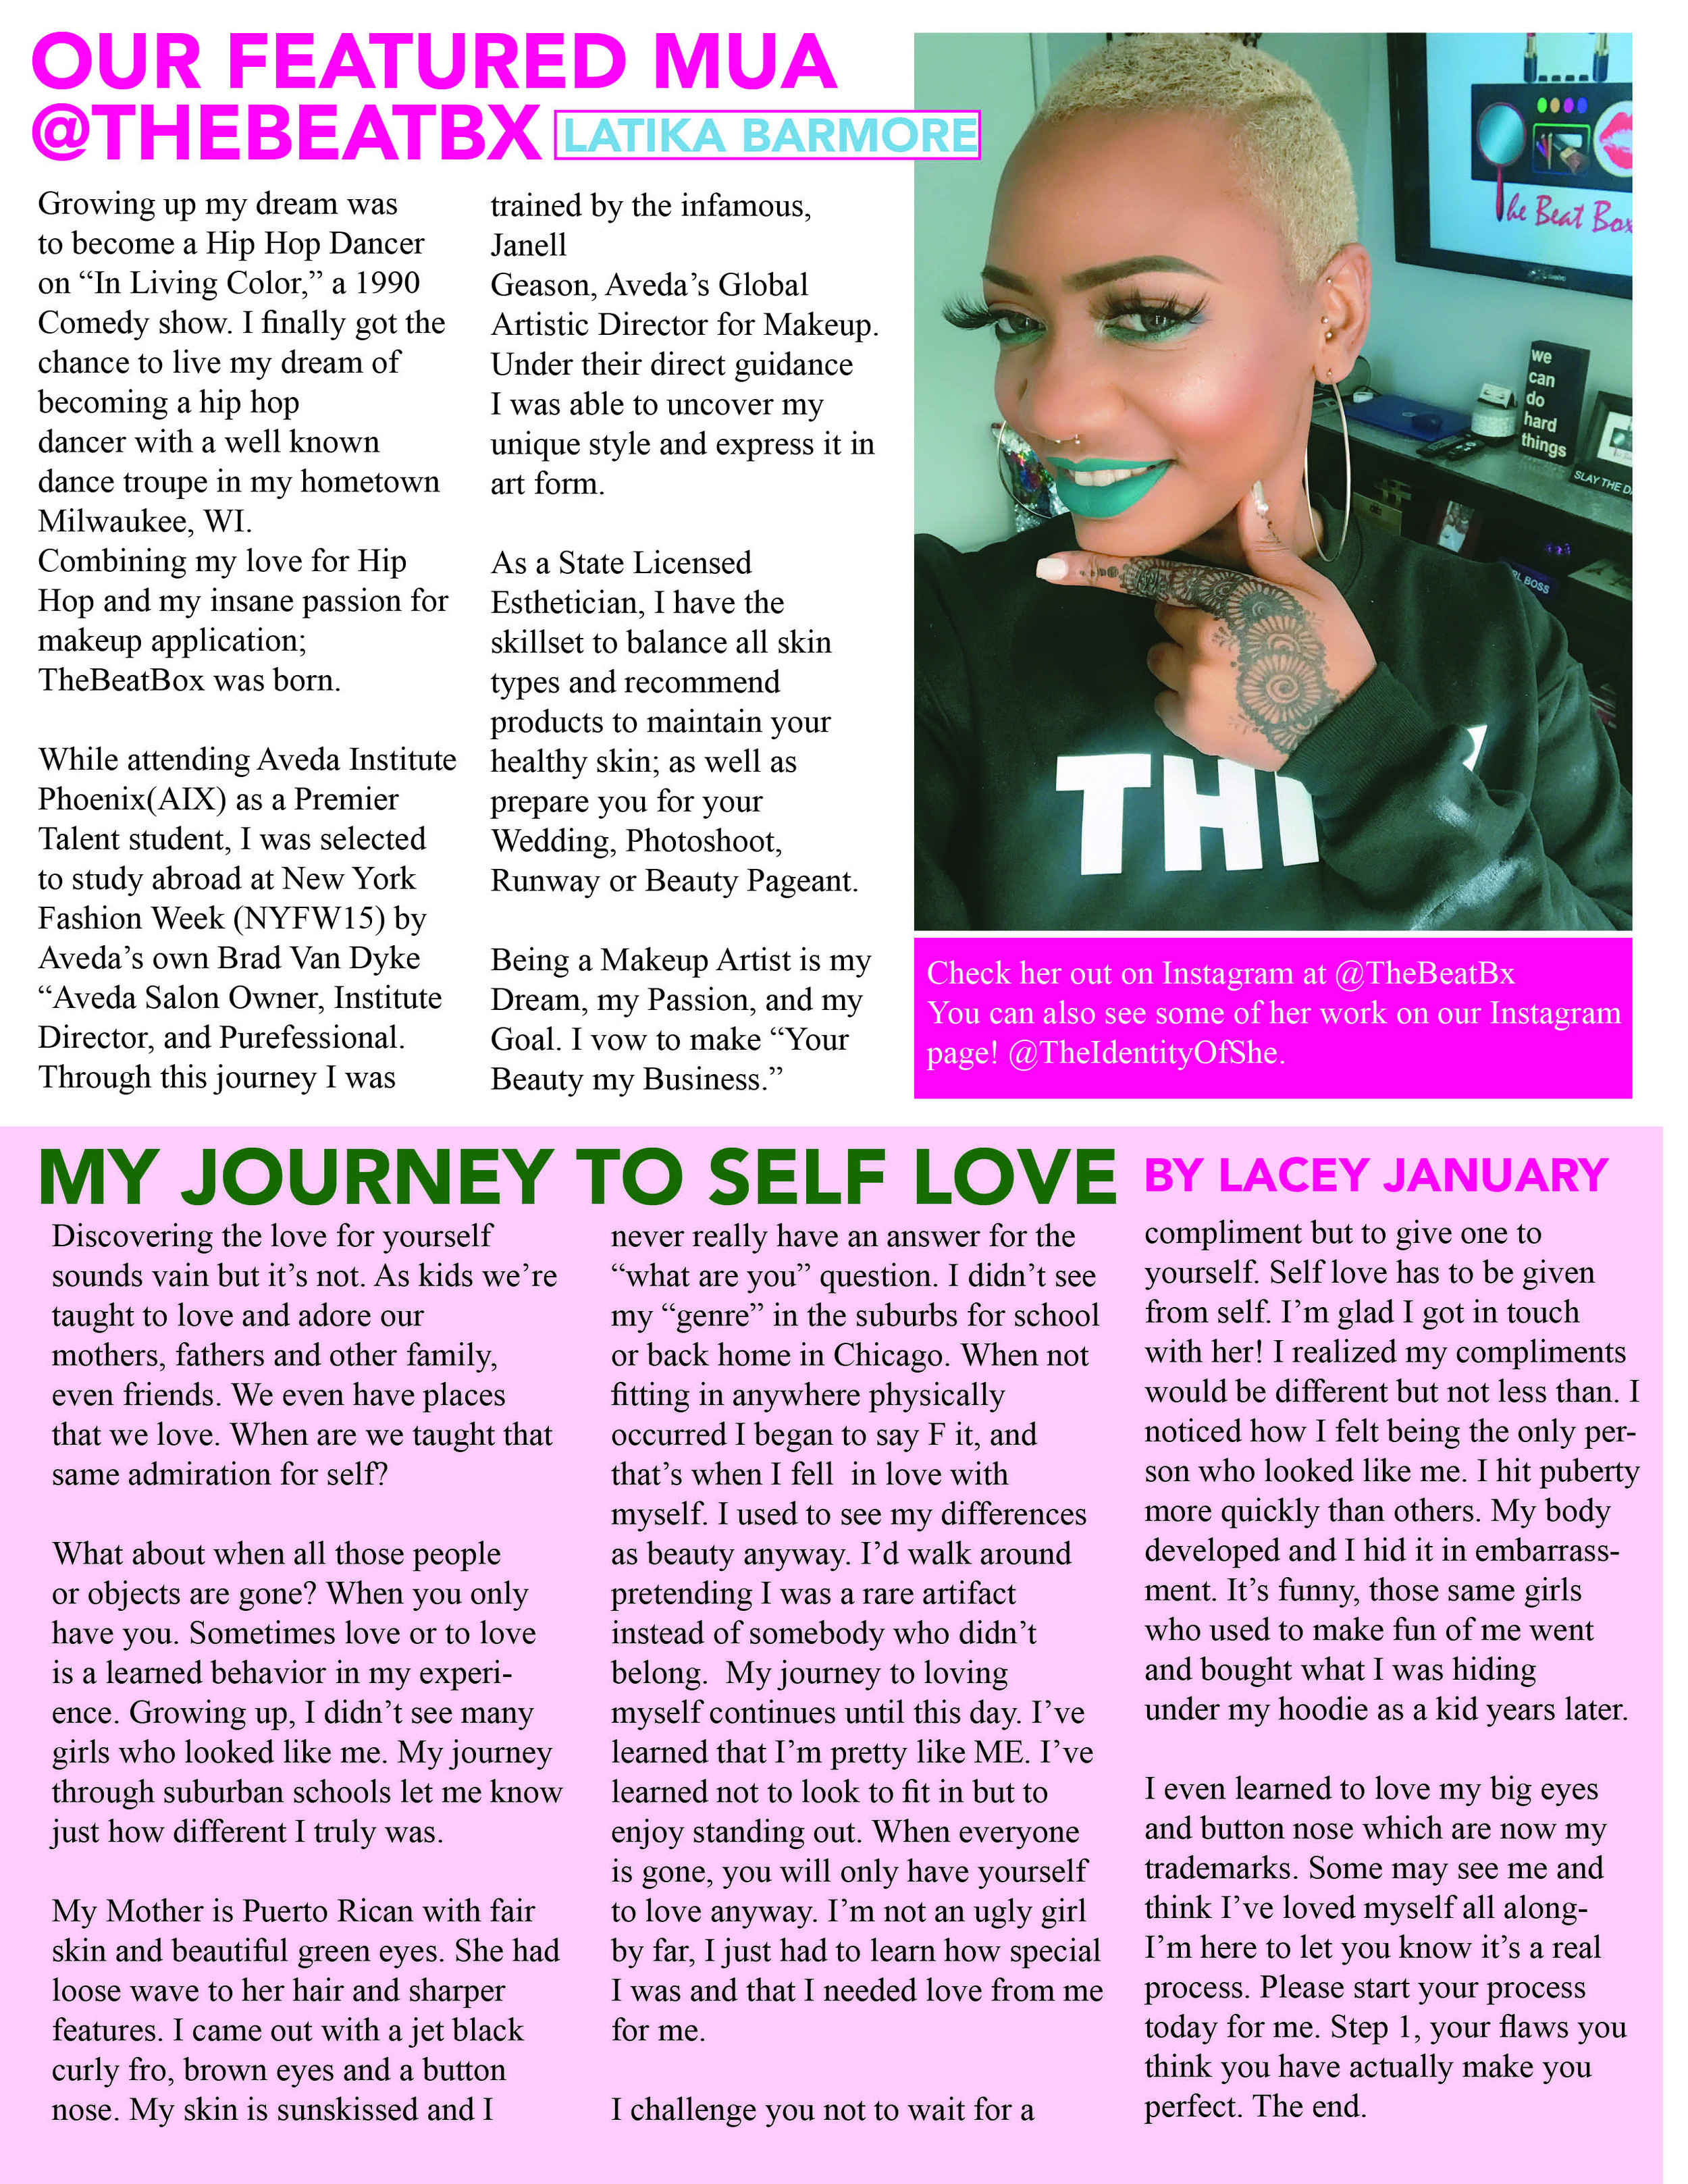 dearbodymagazine-edition412.jpg